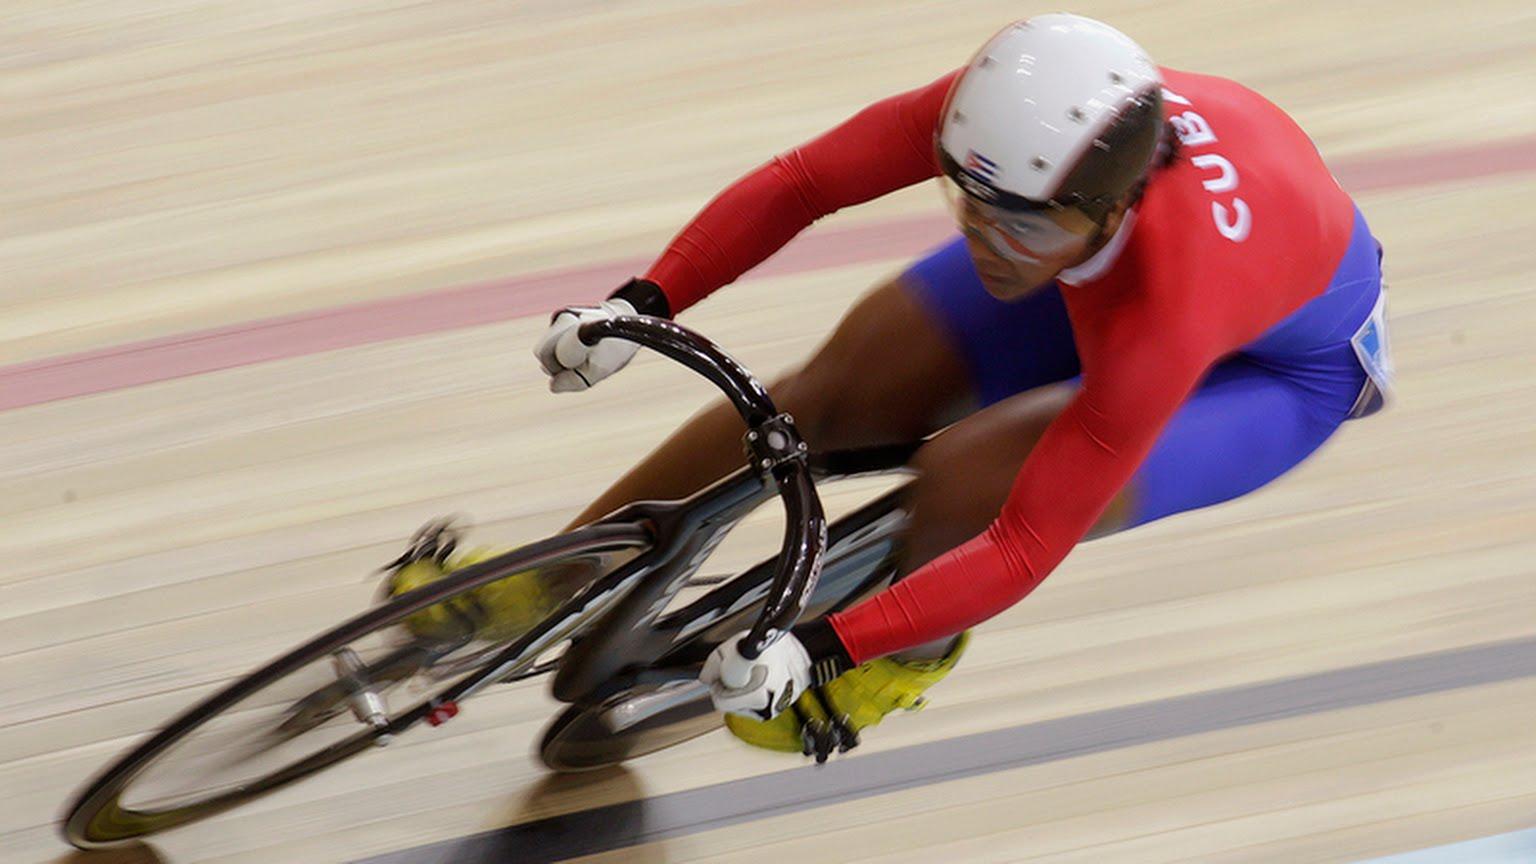 Lisandra Guerra queda fuera del keirin olímpico de Río 2016